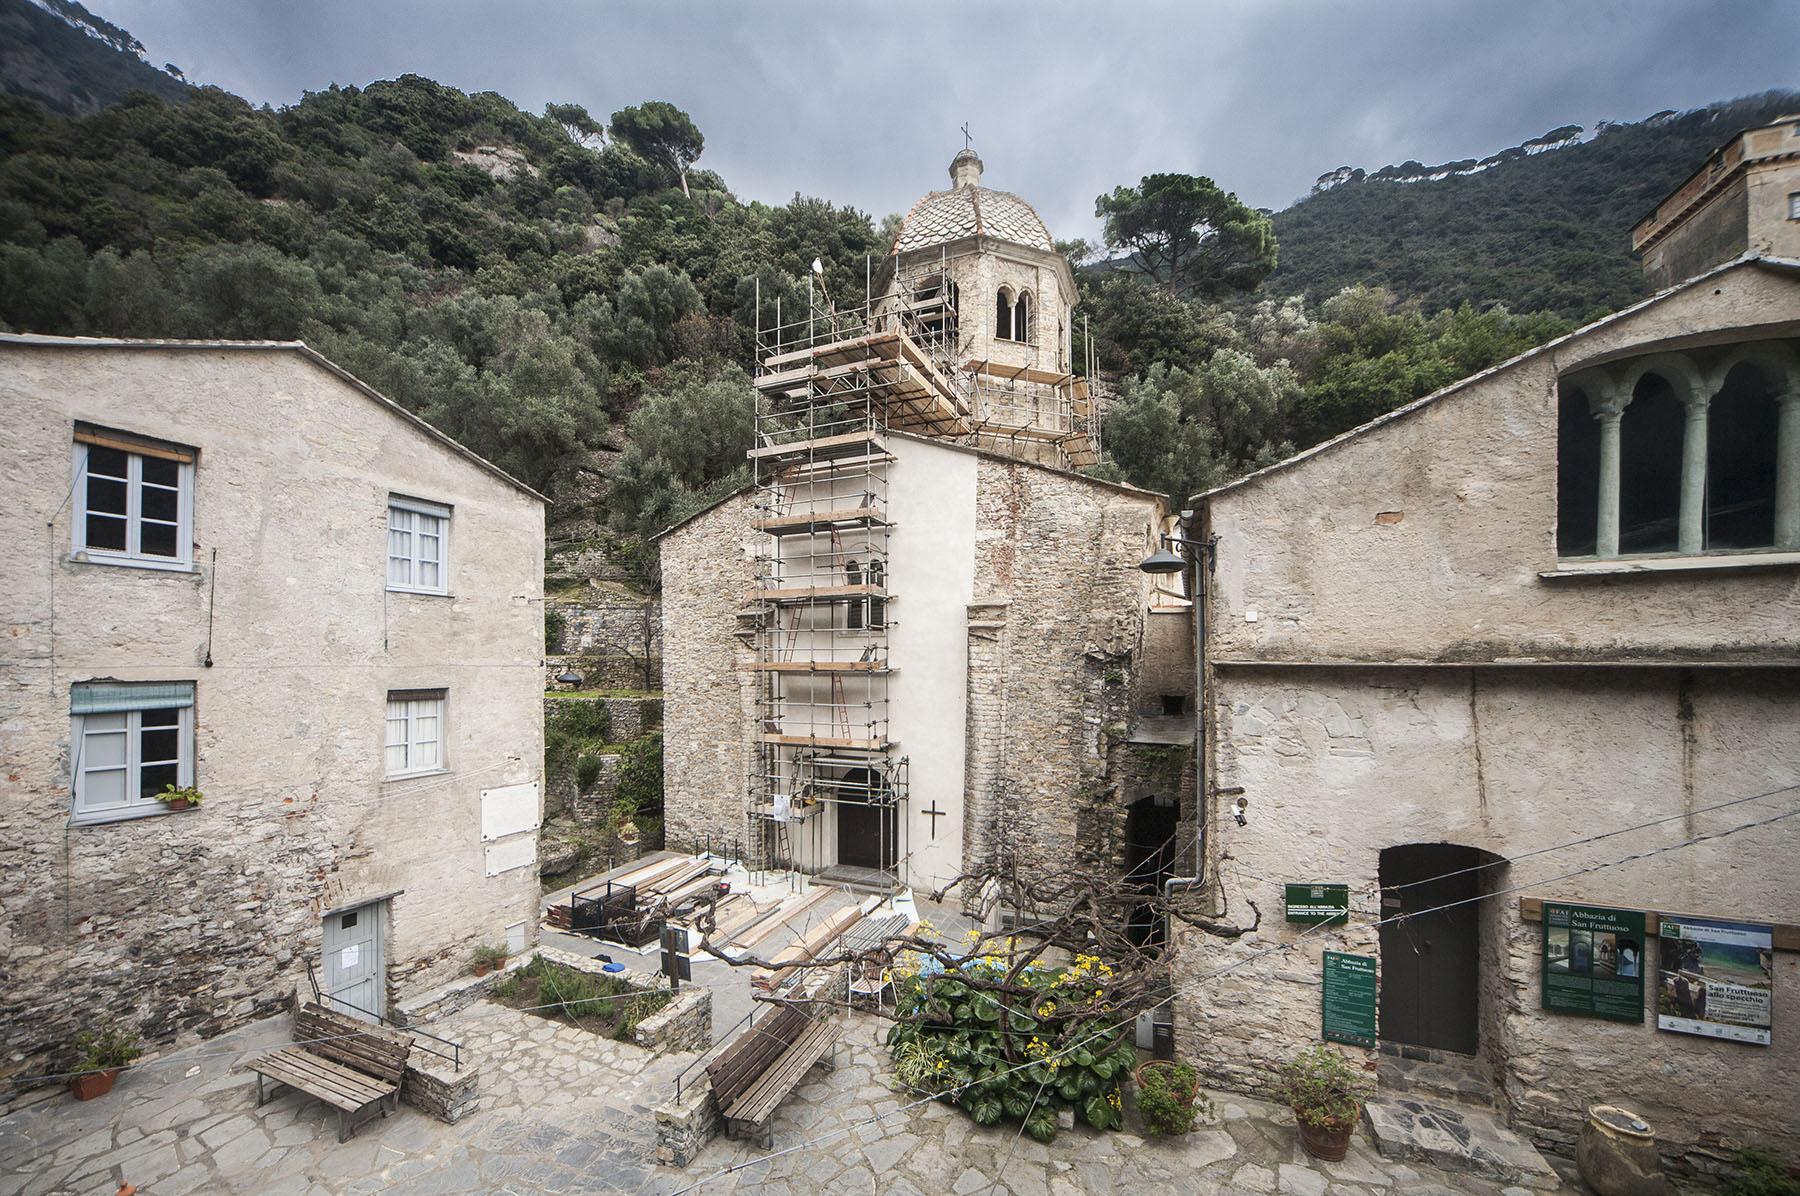 Ponteggi intorno alla torre nolare, oggetto principale dei restauri